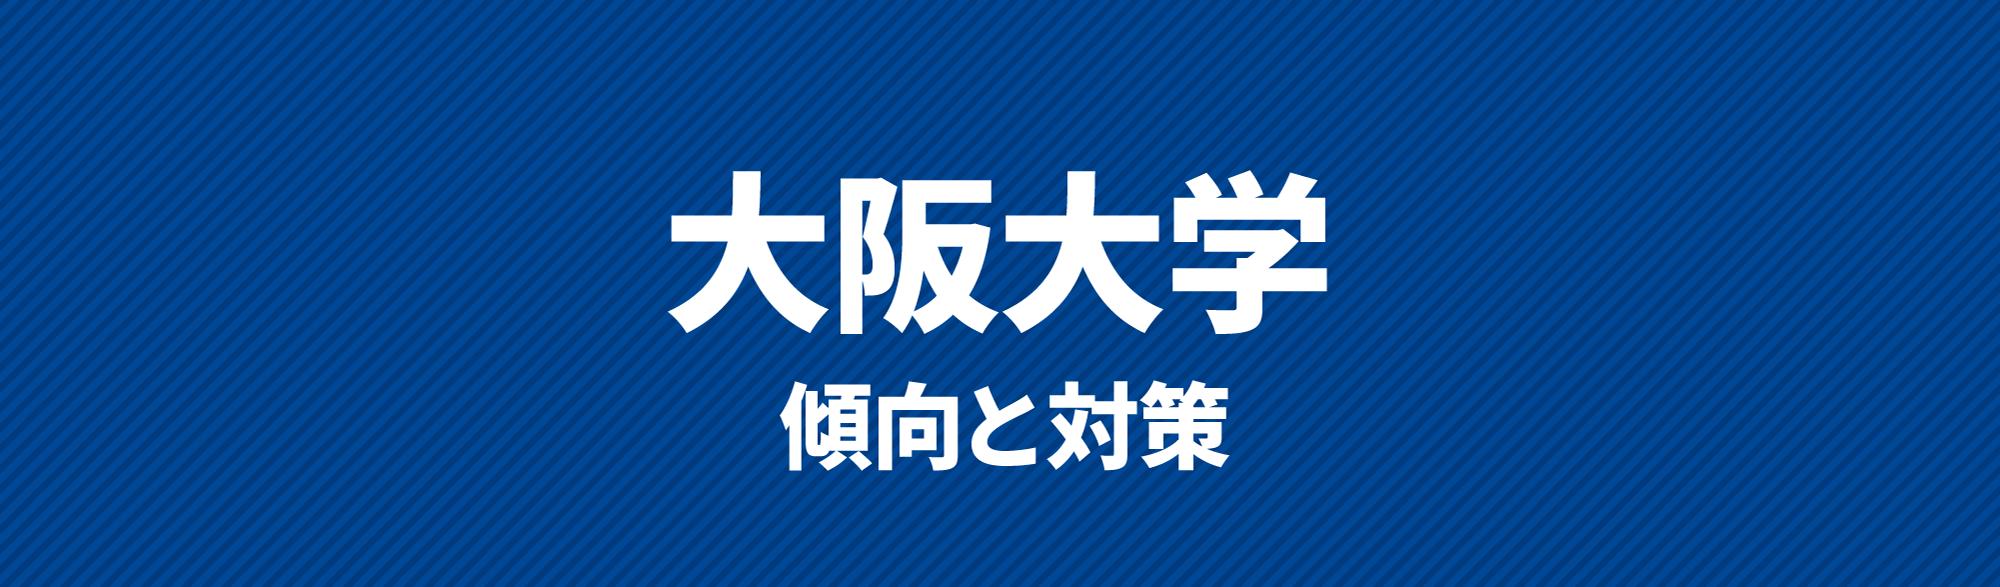 大阪大学傾向と対策